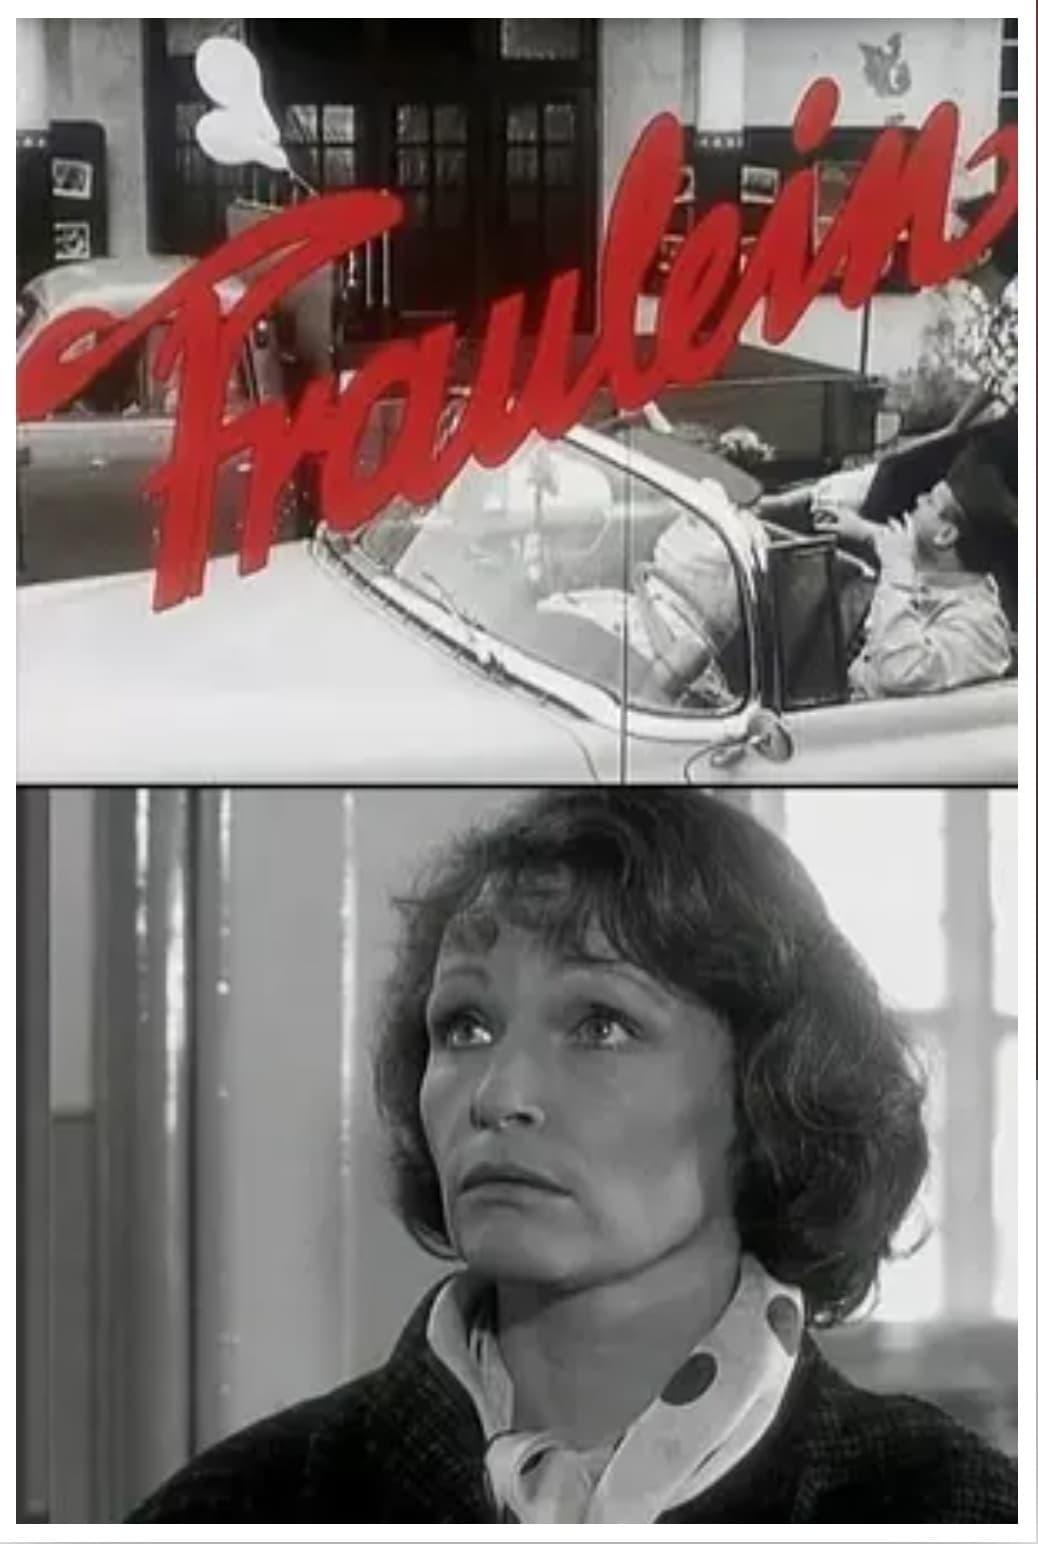 Fraulein - Ein deutsches Melodram